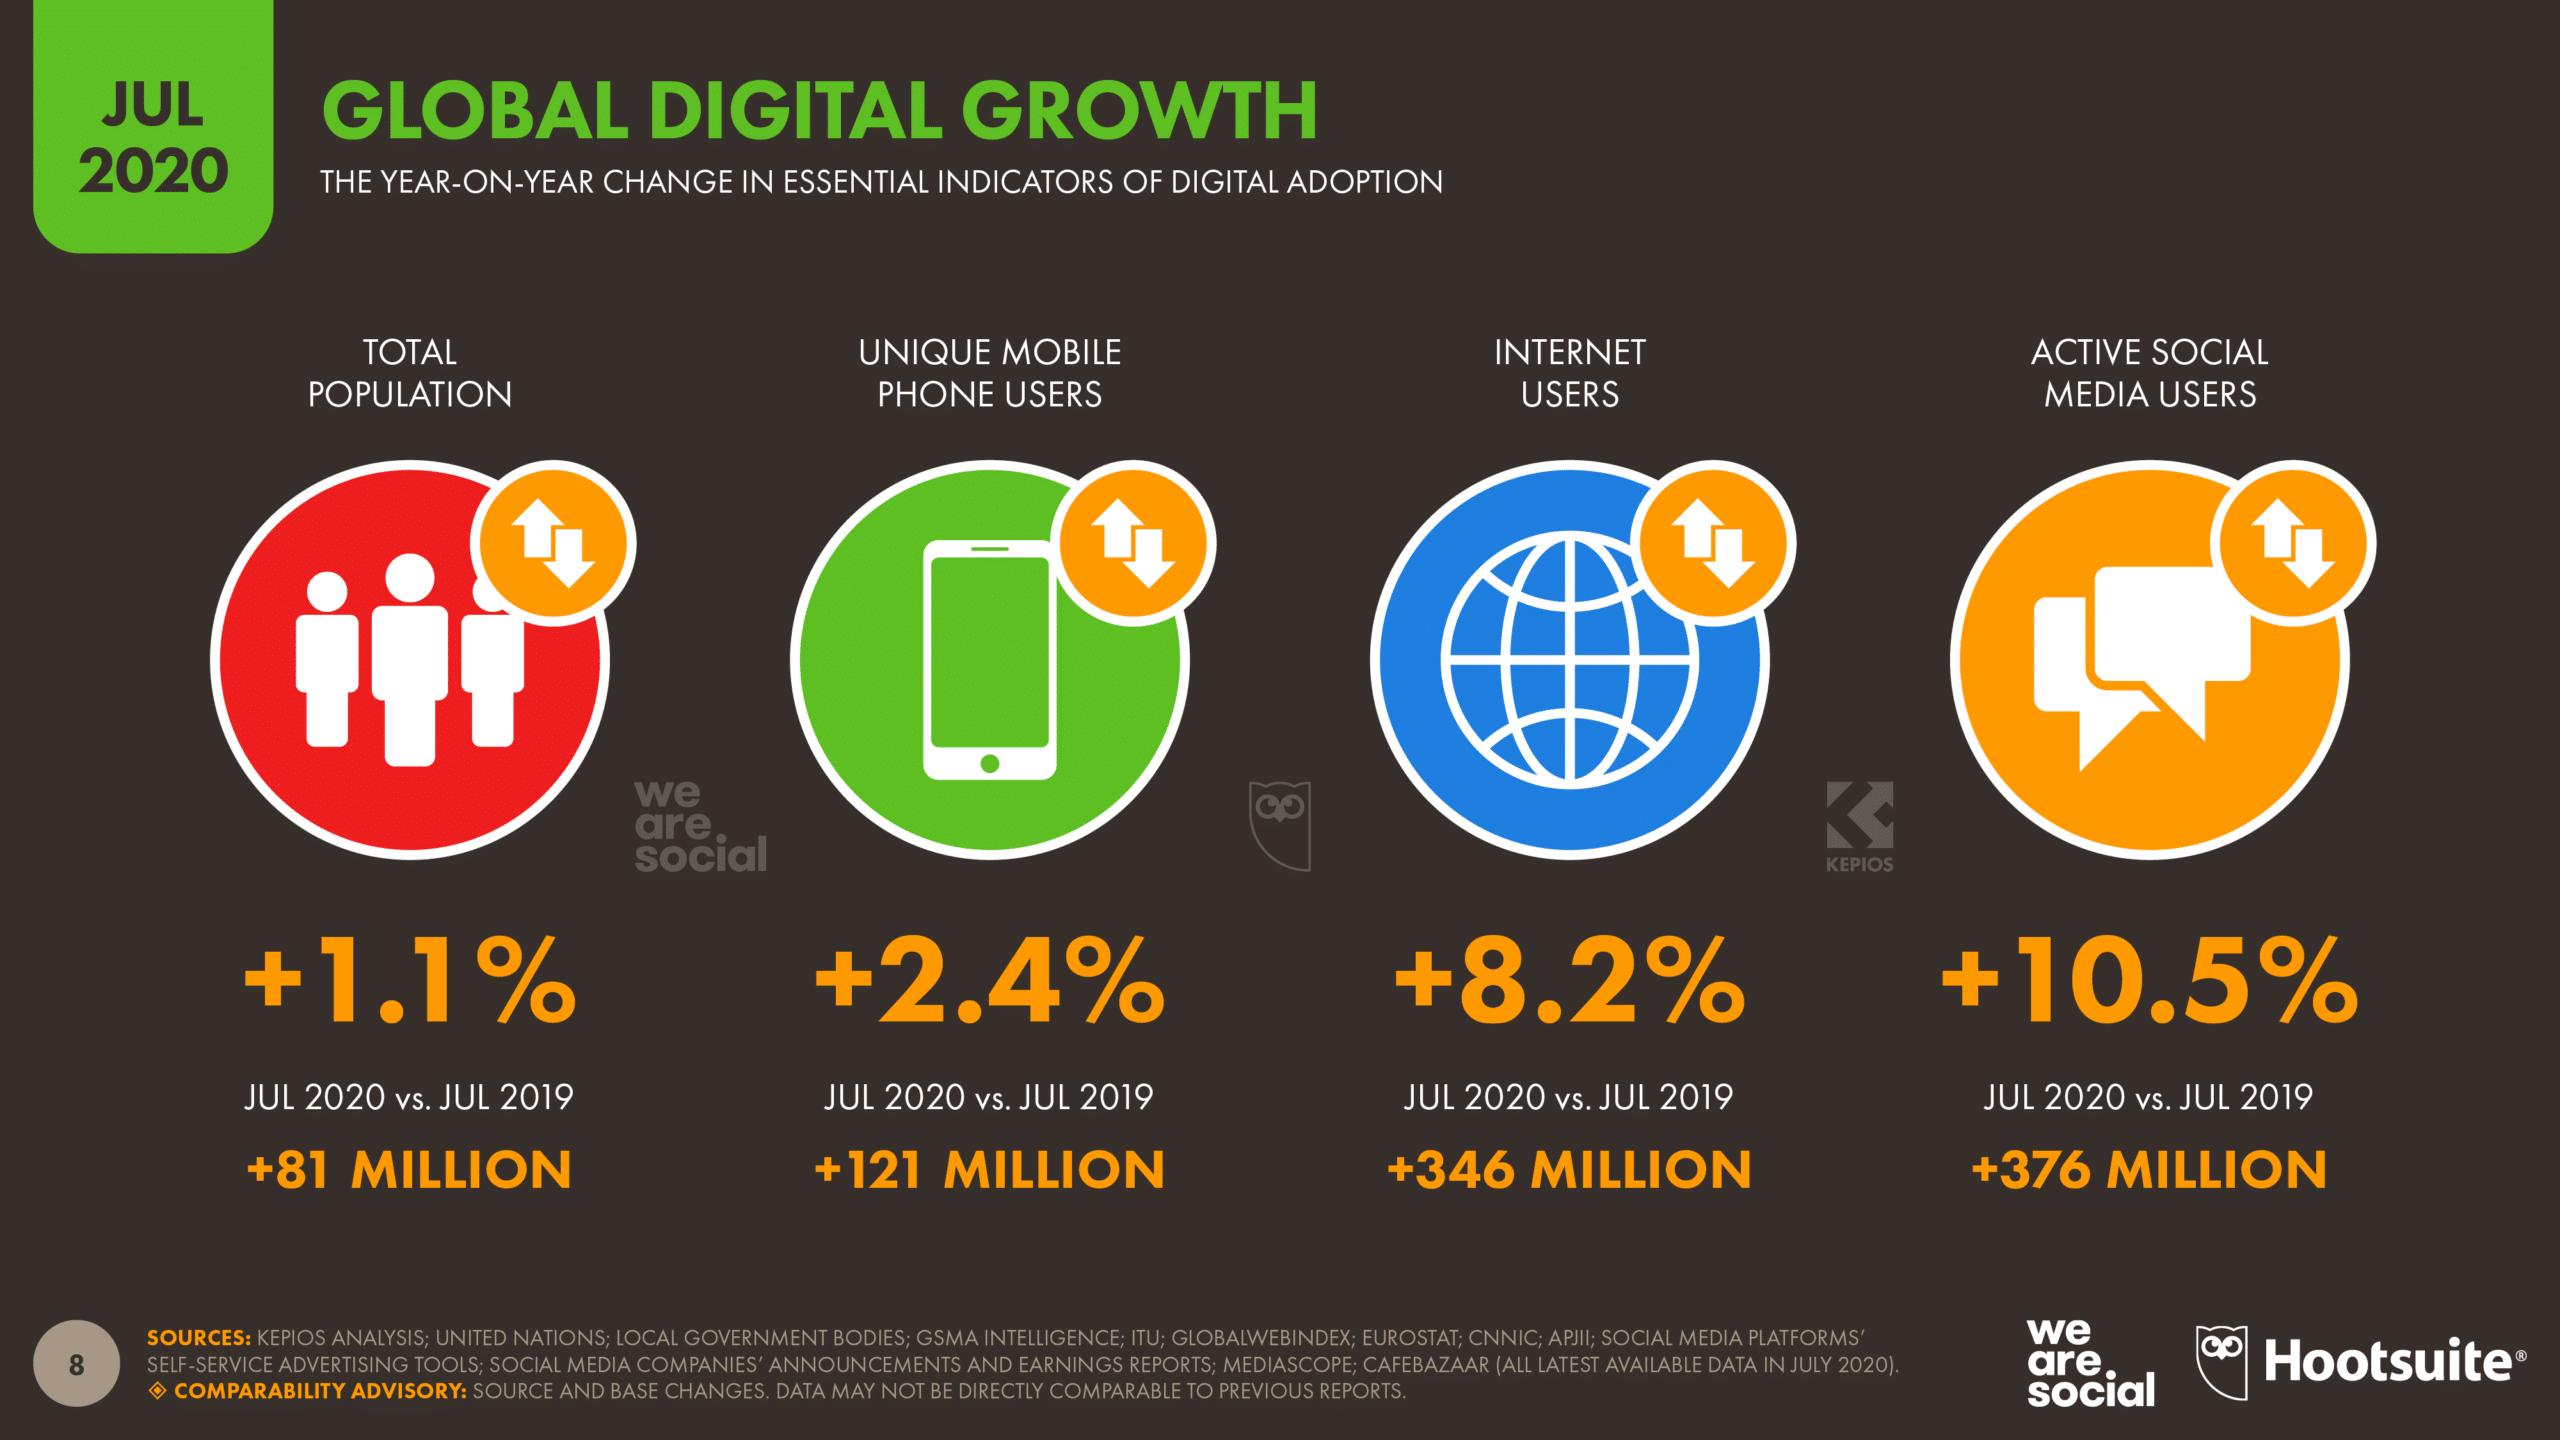 Global Digital Growth July